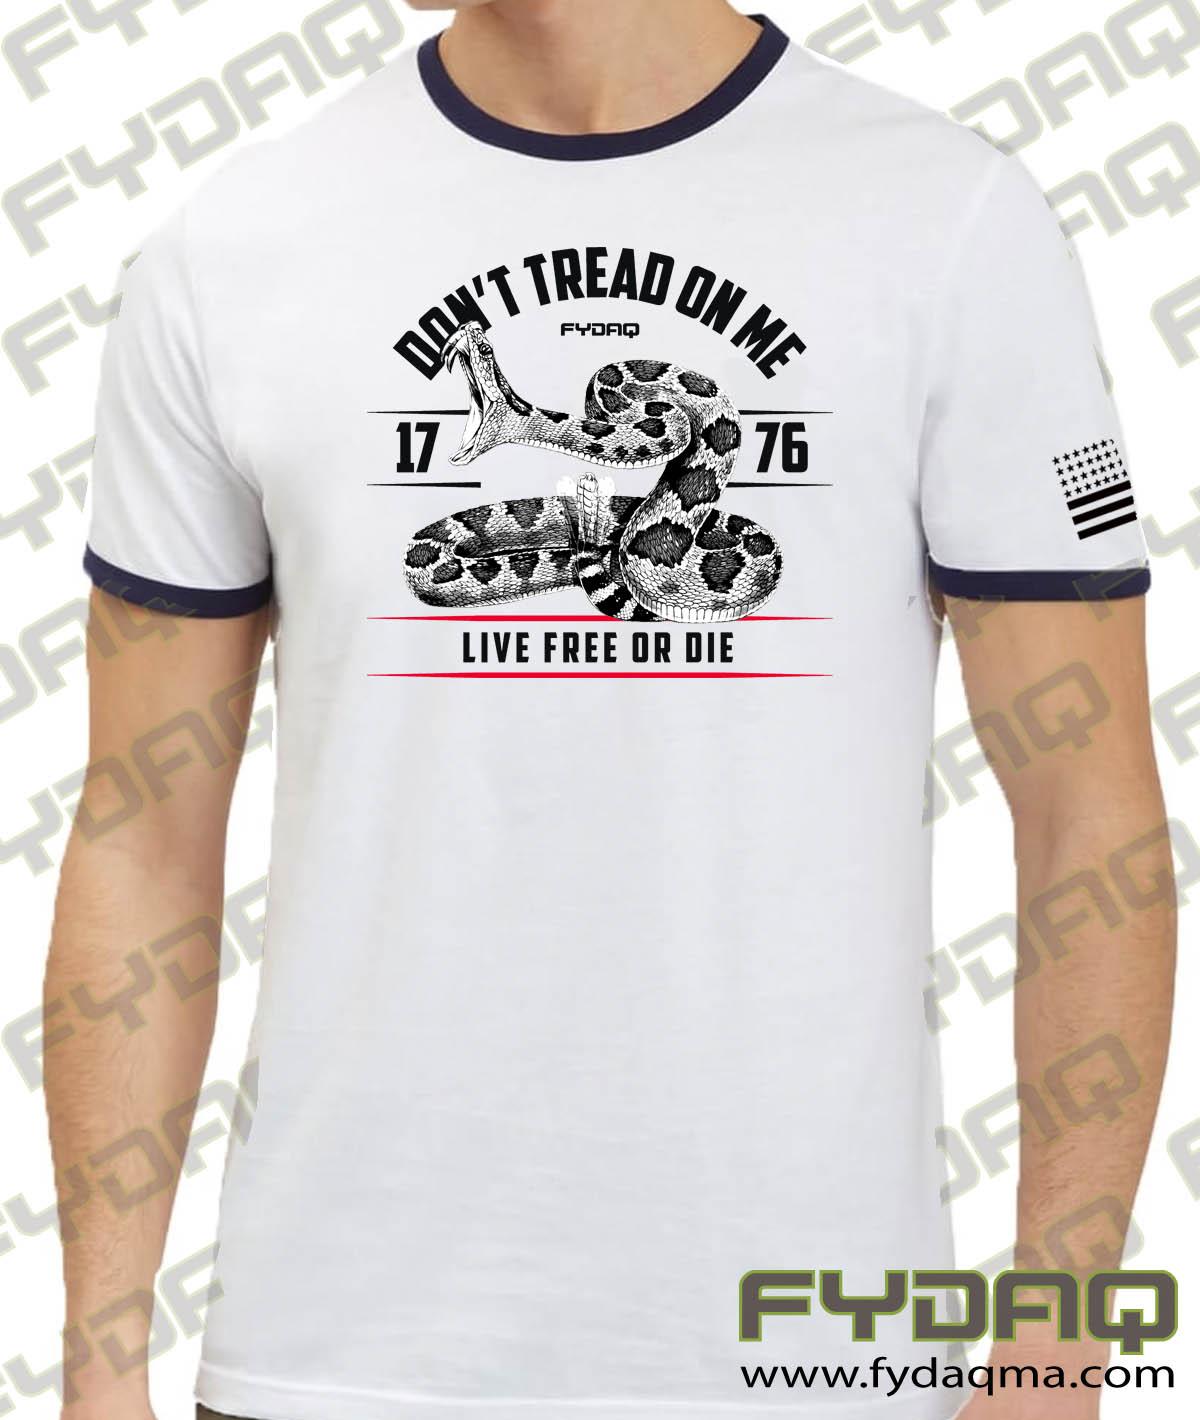 dont-tread-on-me-ringer-white-black-tshirt-FYDAQ